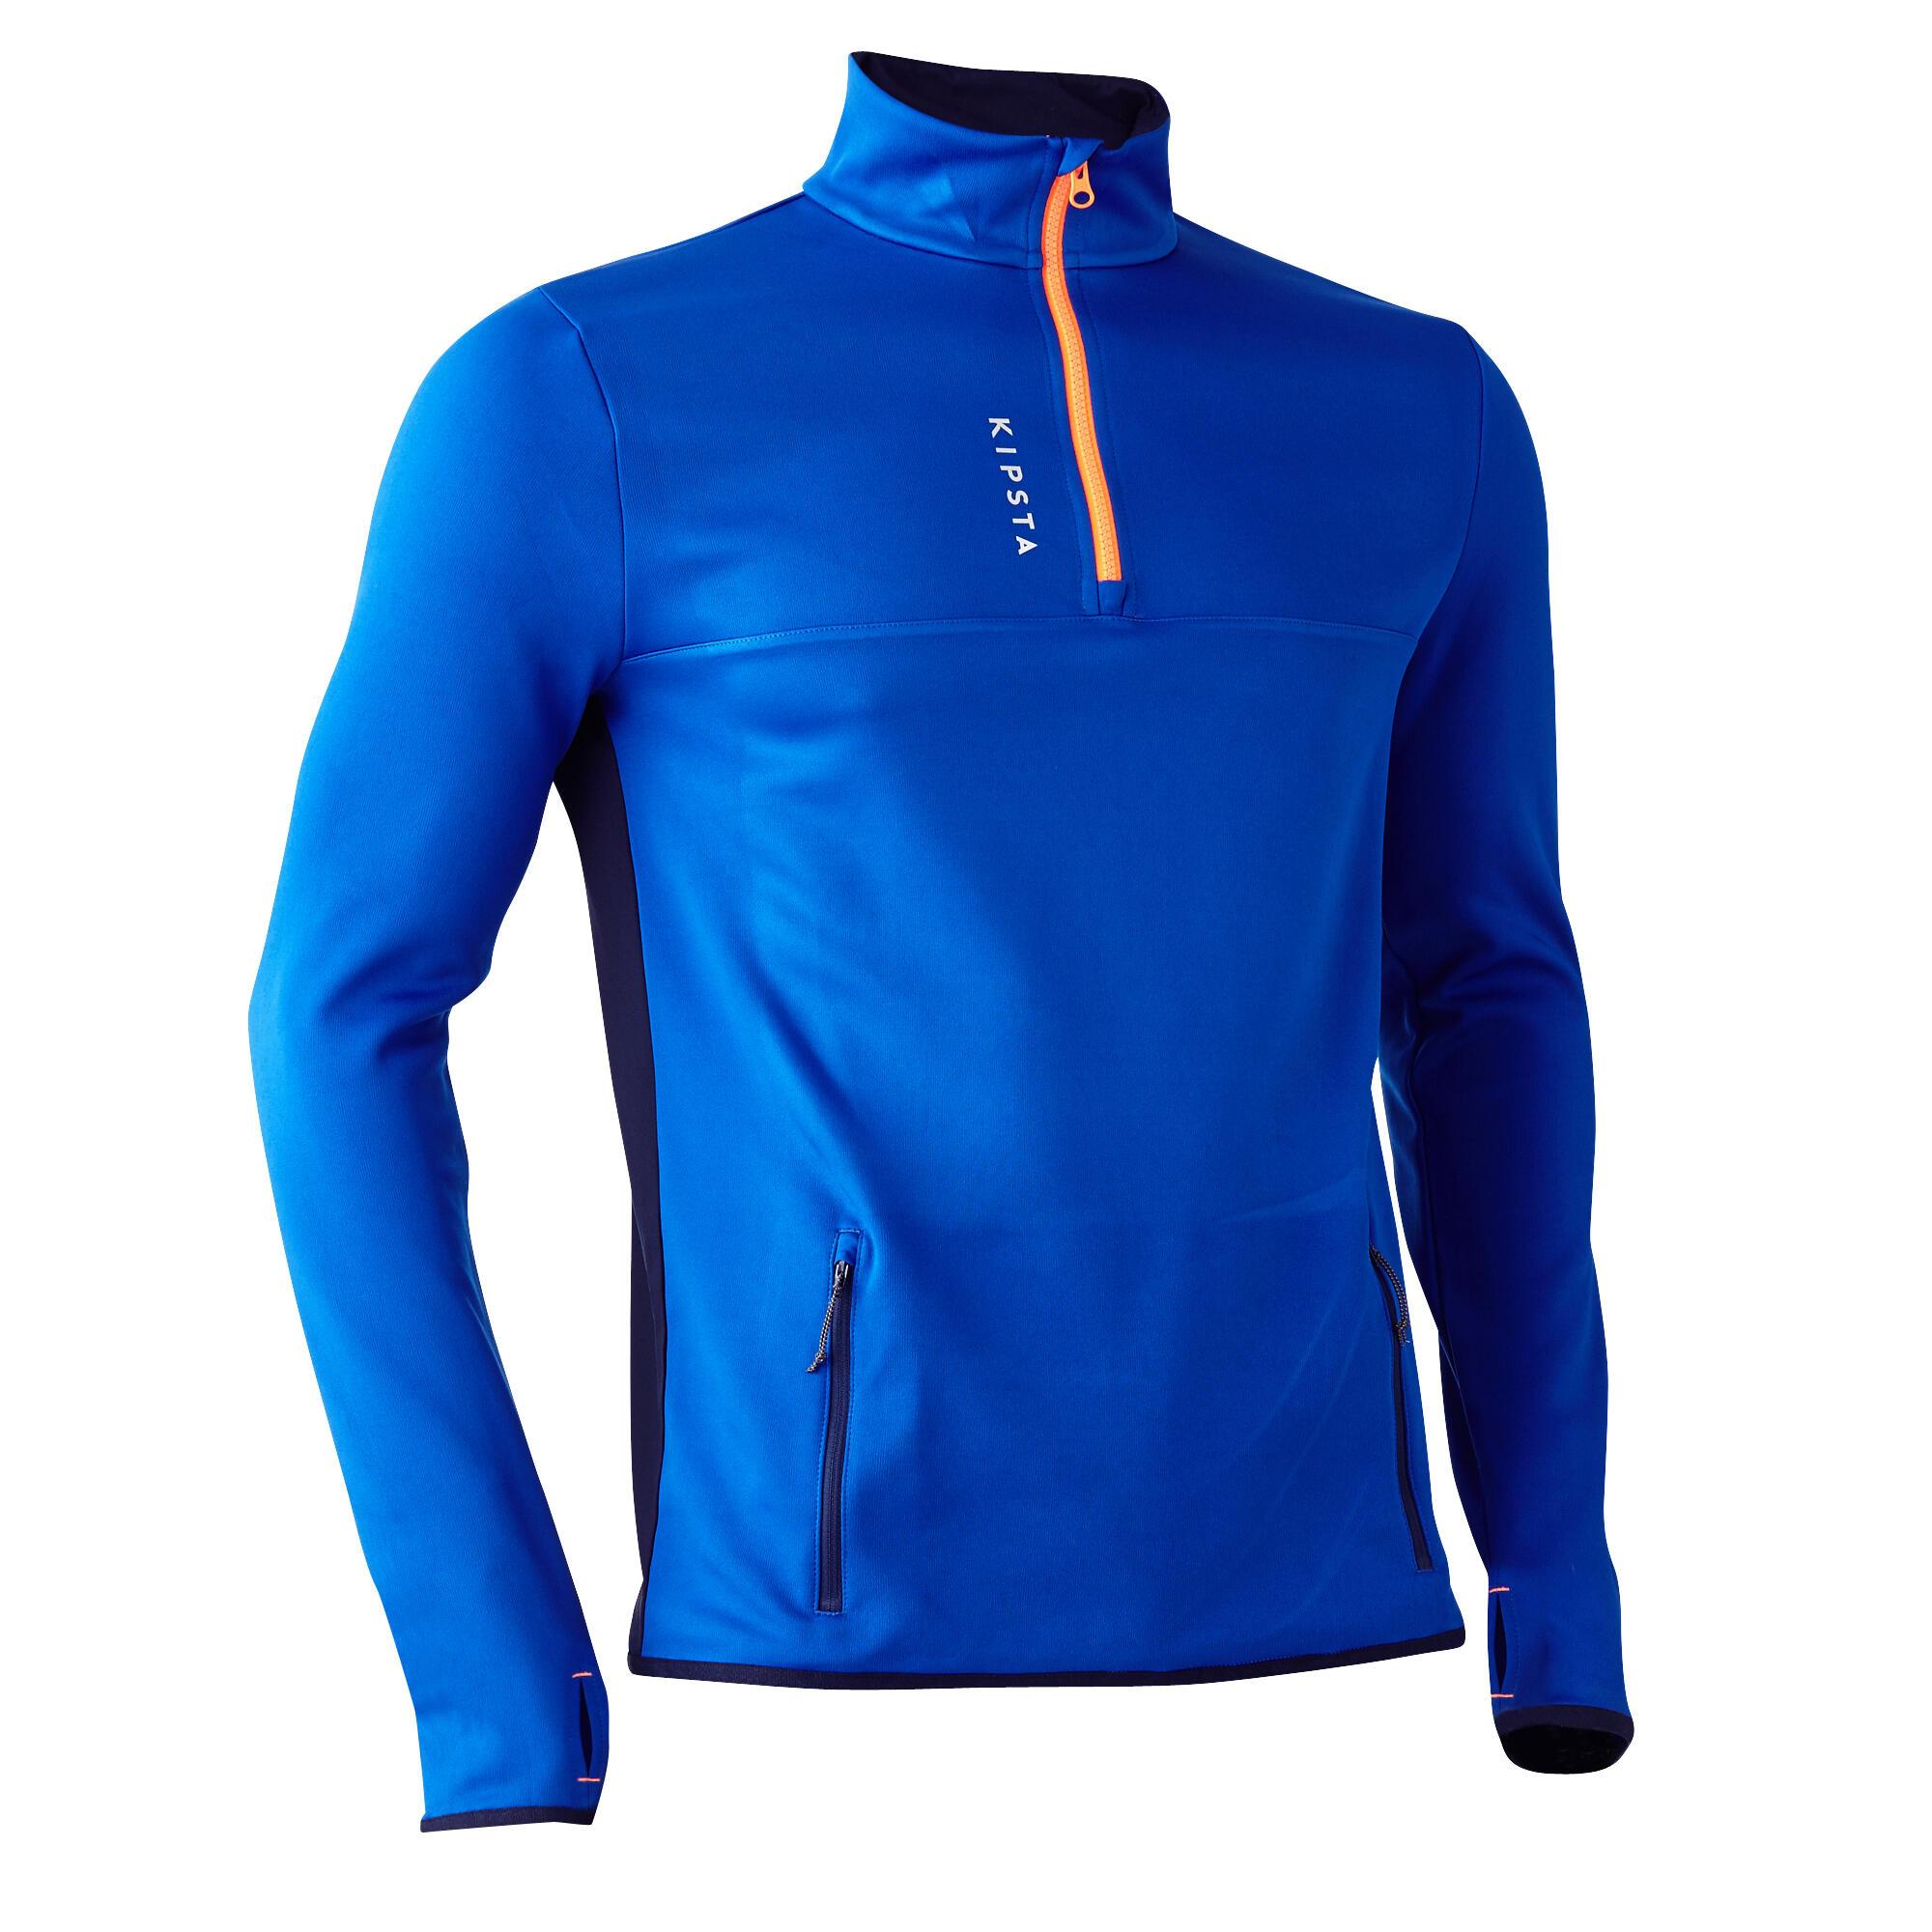 0ef9cf6bf5865a Kipsta Trainingsjack voetbal T500 voor volwassenen blauw